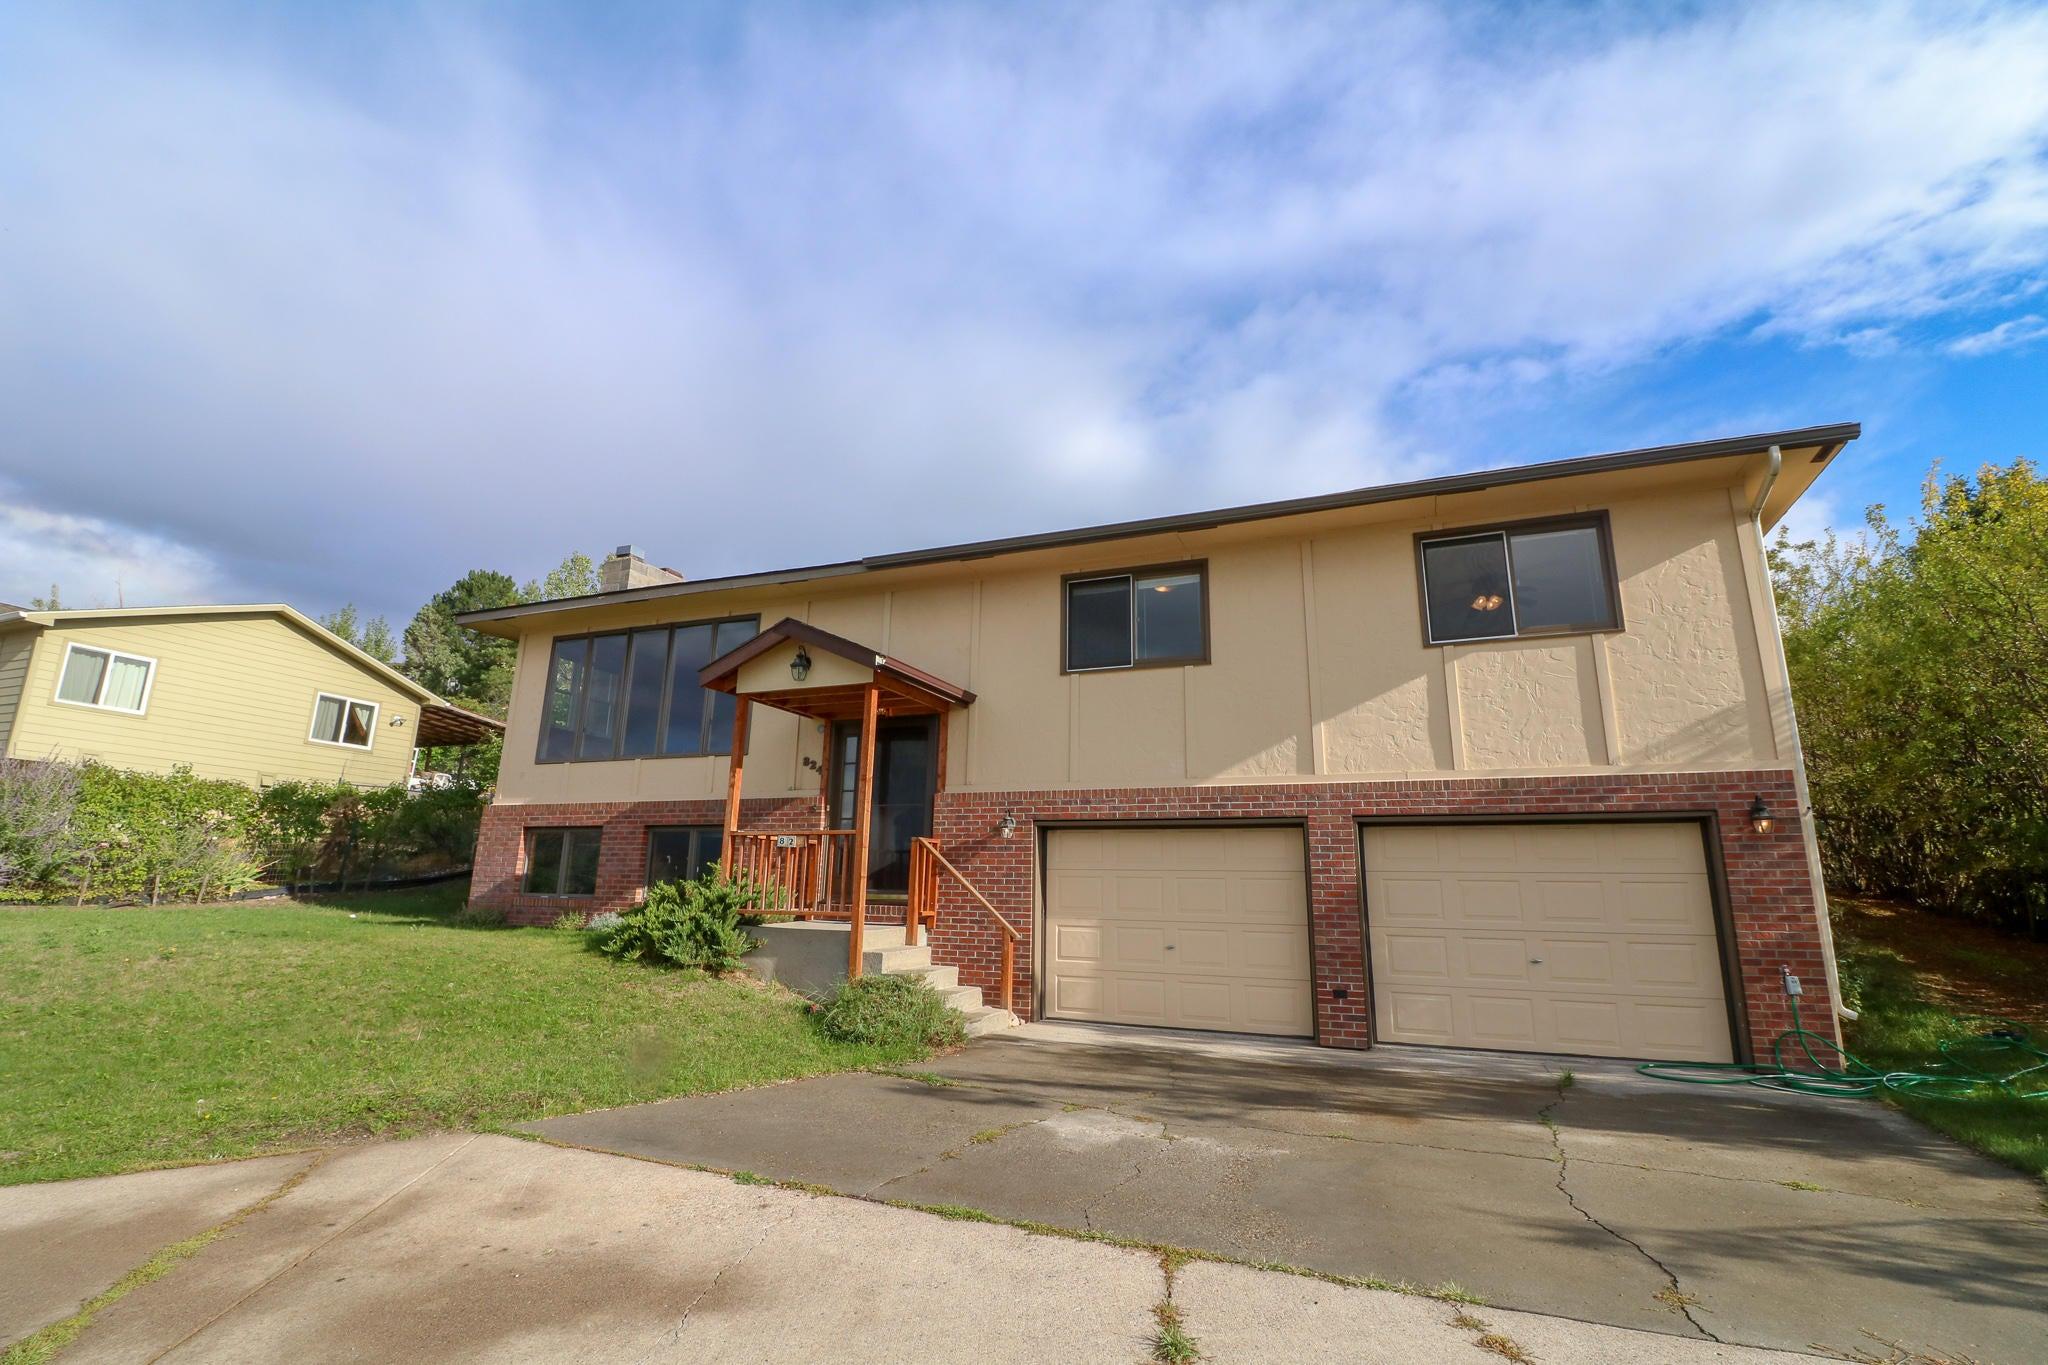 824 Normans Lane, Missoula, MT 59803